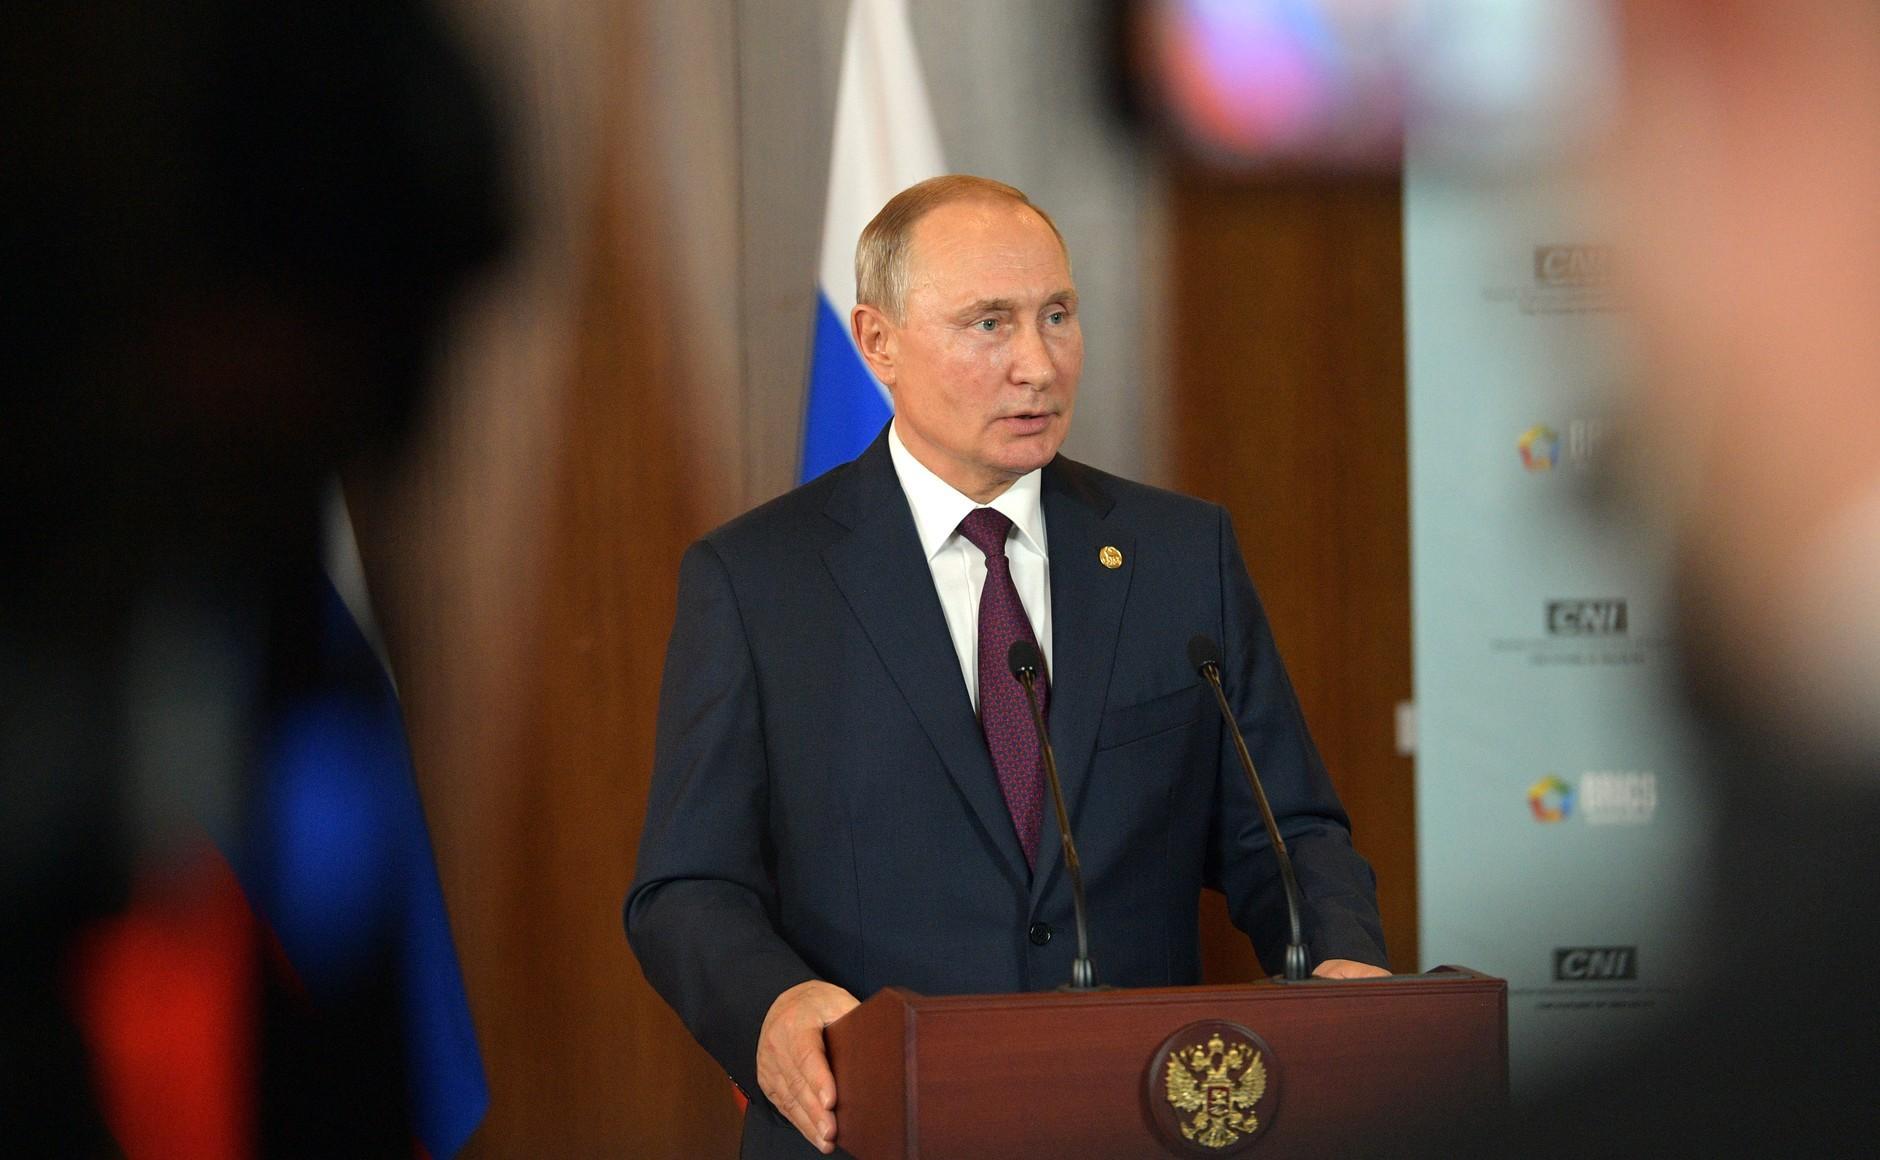 Putin'den flaş açıklama: ABD ile koşulsuz anlaşmaya hazırız